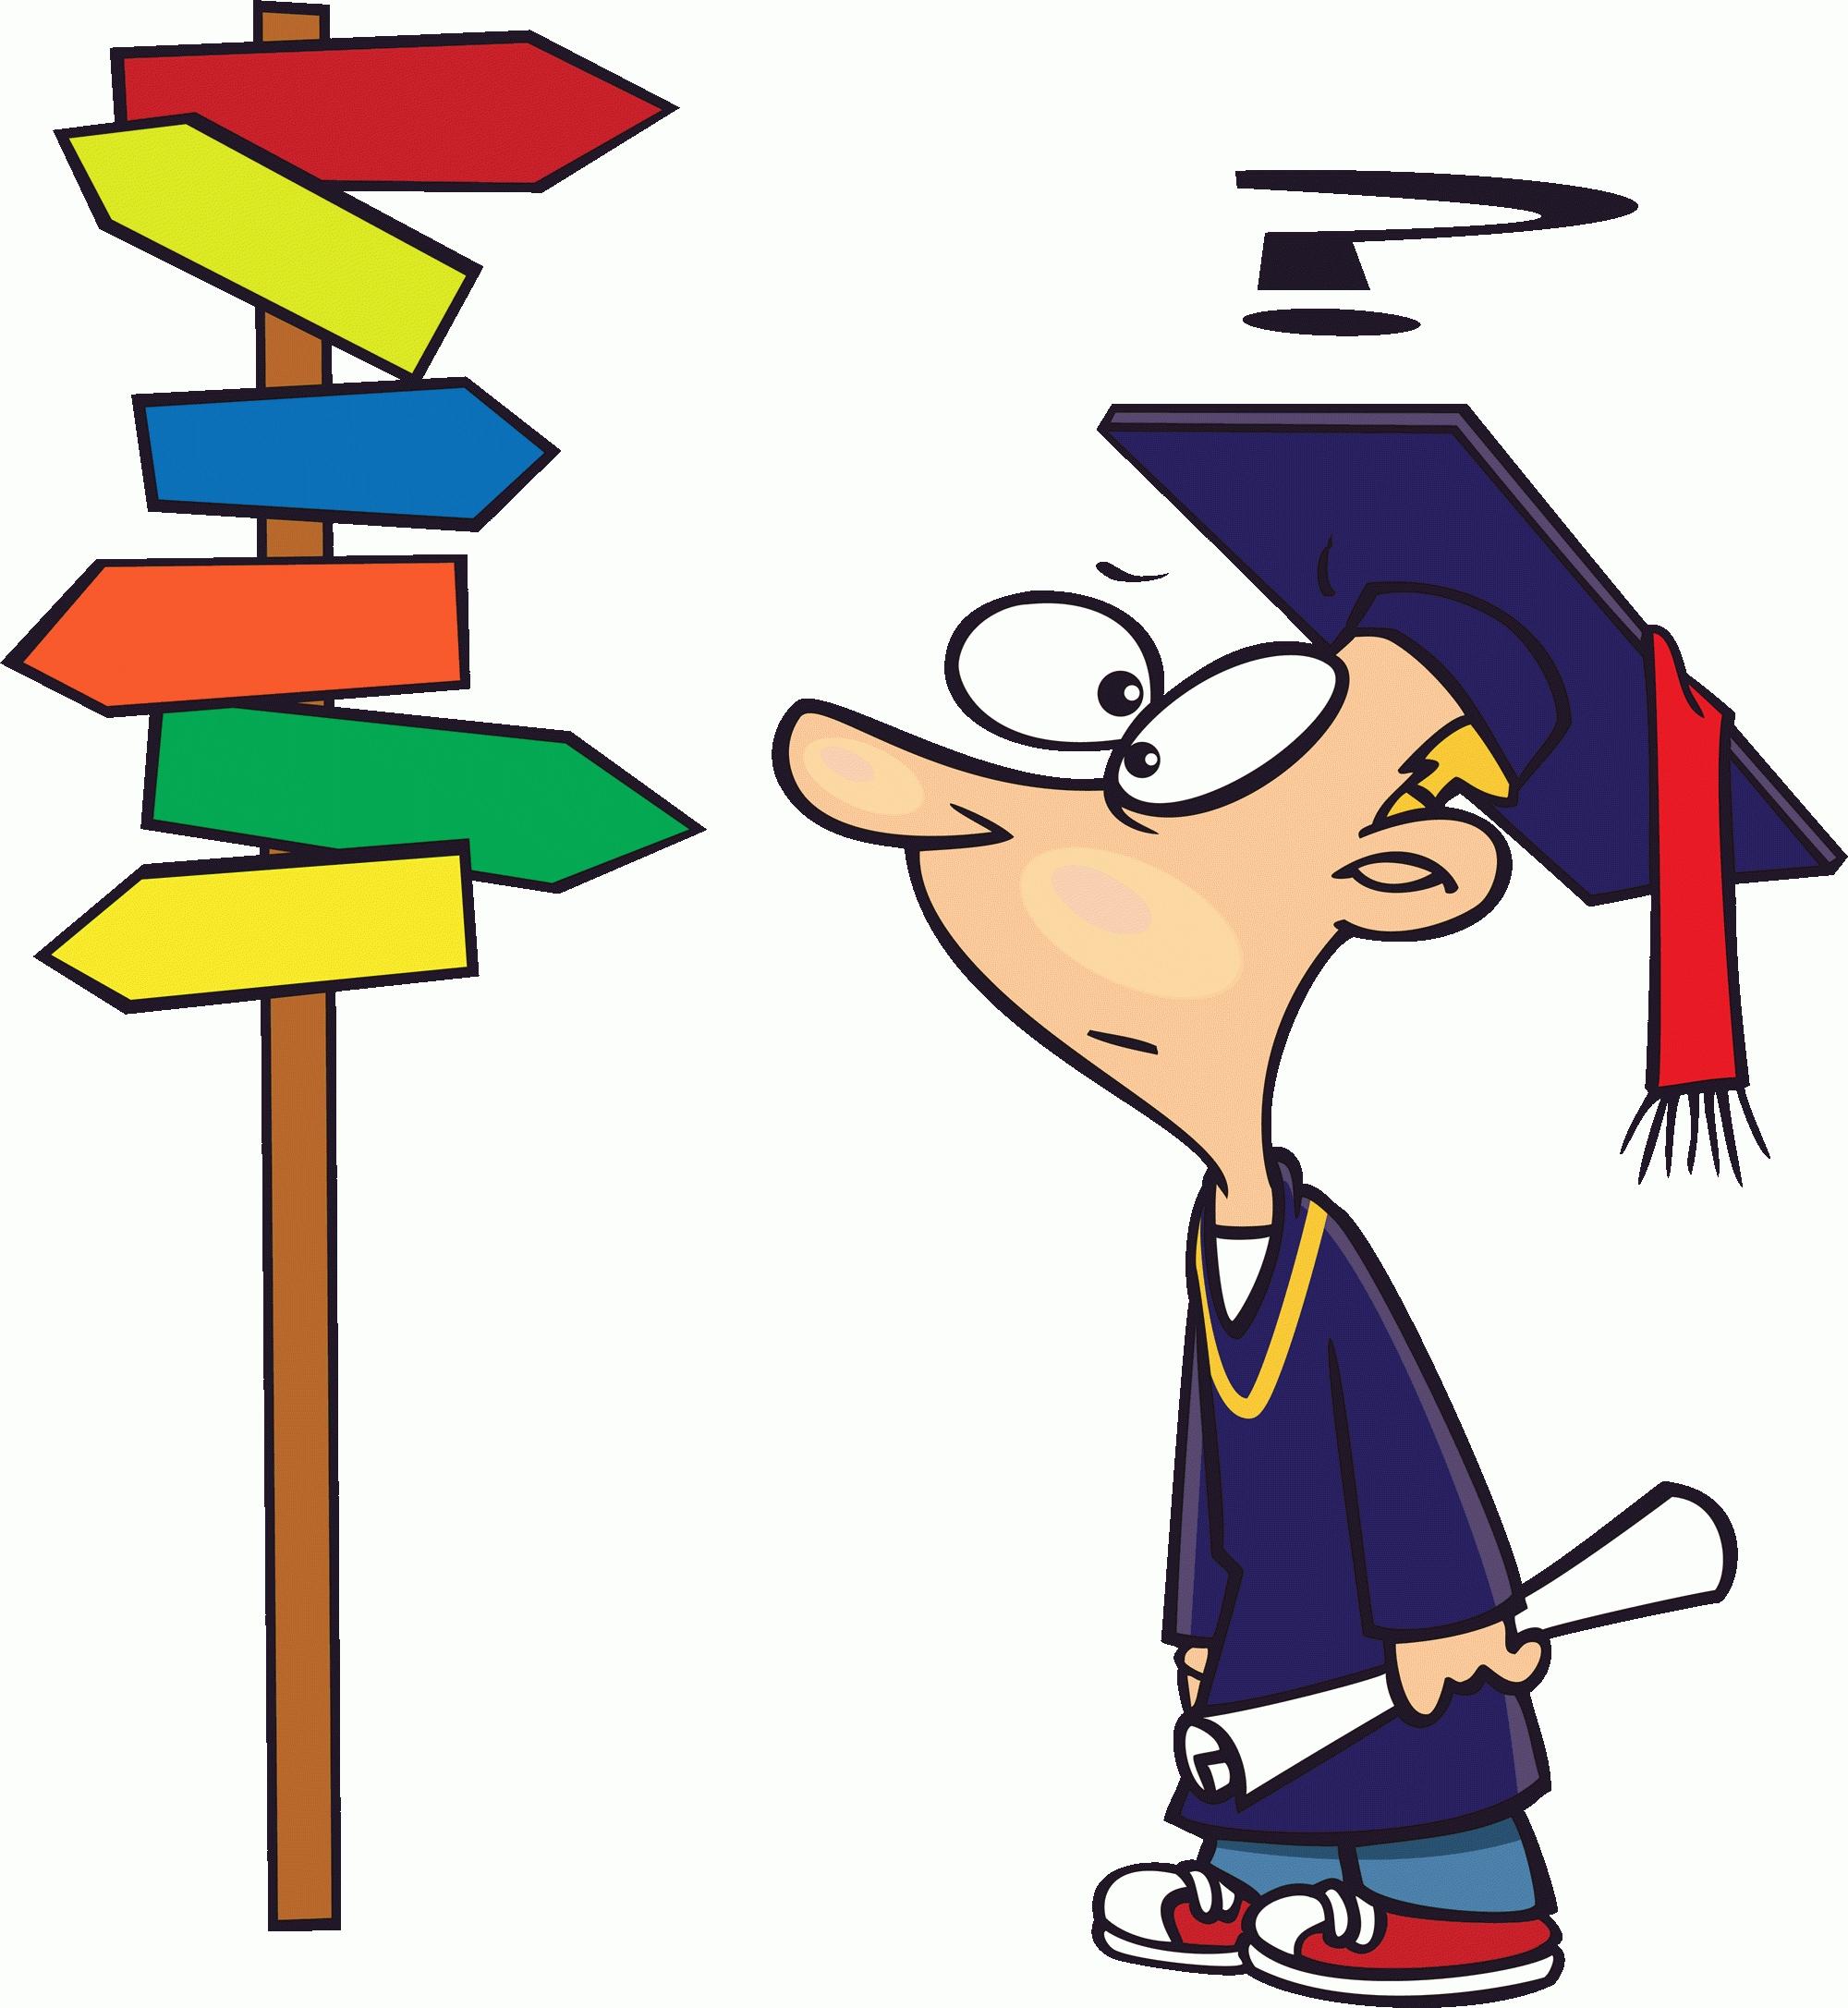 Peachy design ideas career. Careers clipart college